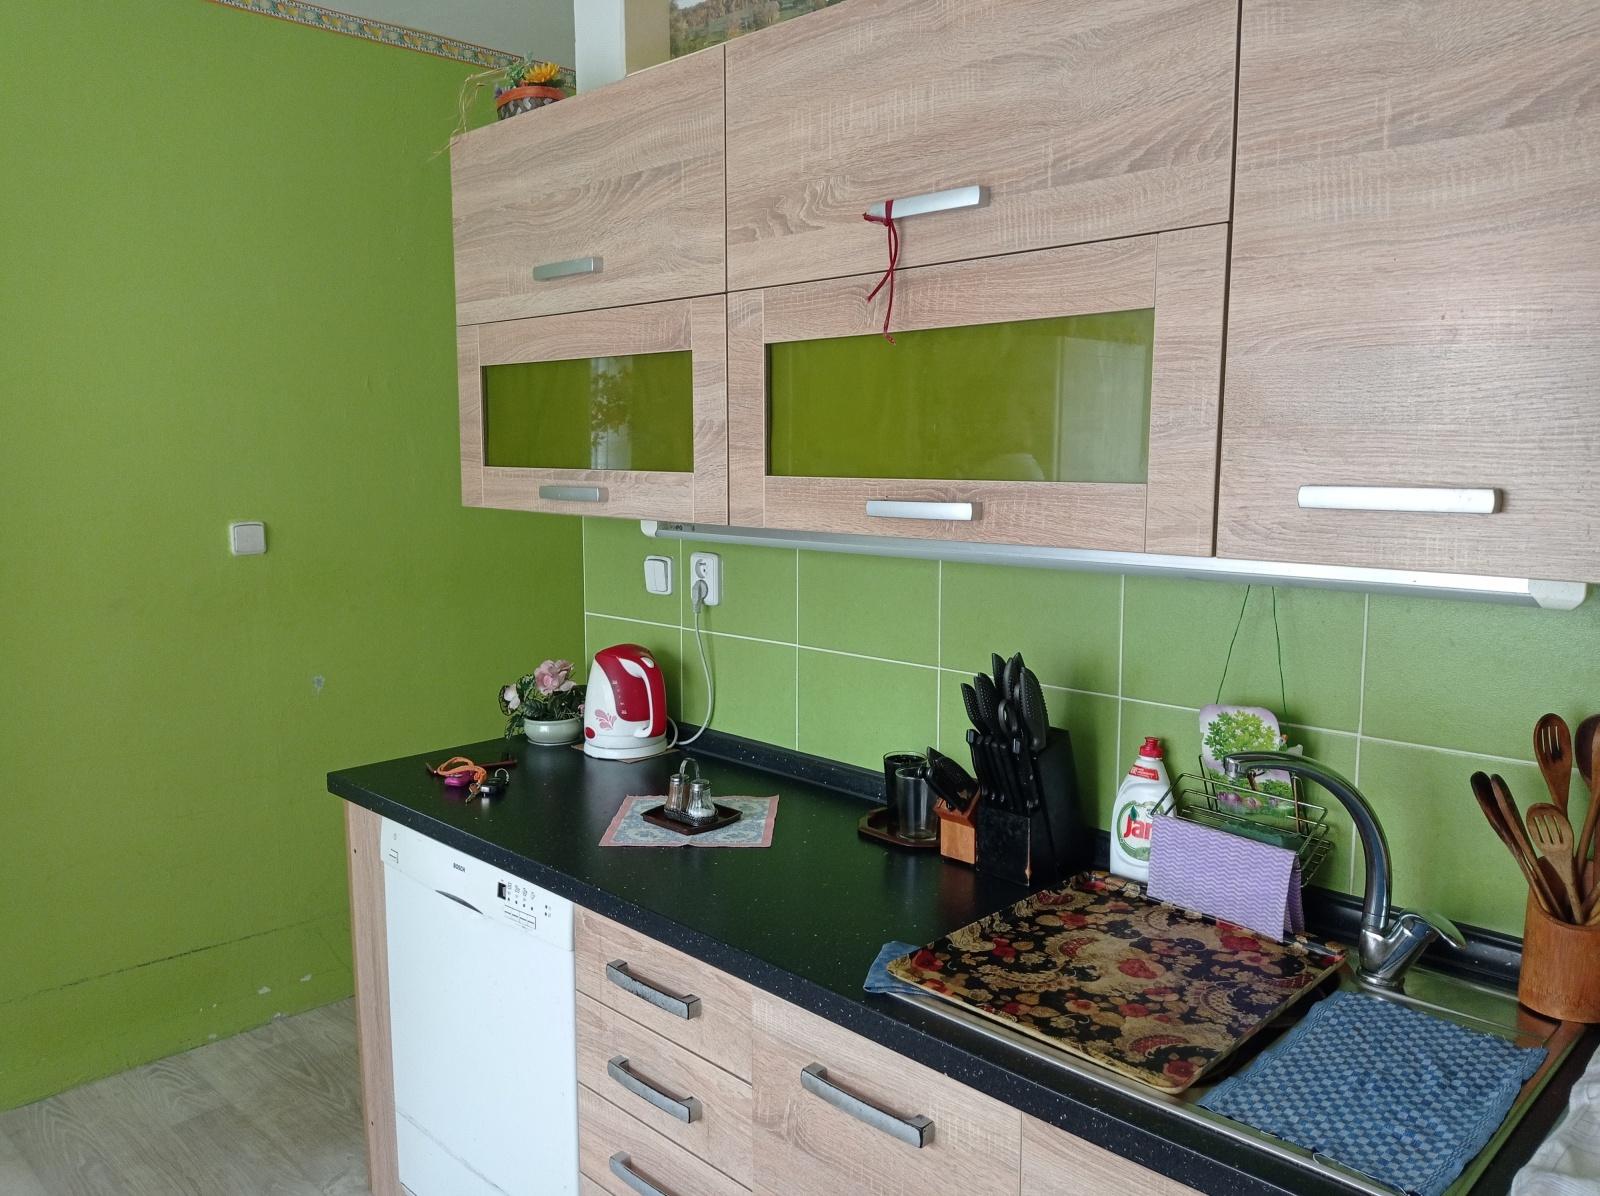 Prodej, byt 3+1, 79m2, ul. Bzenecká, Plzeň - město